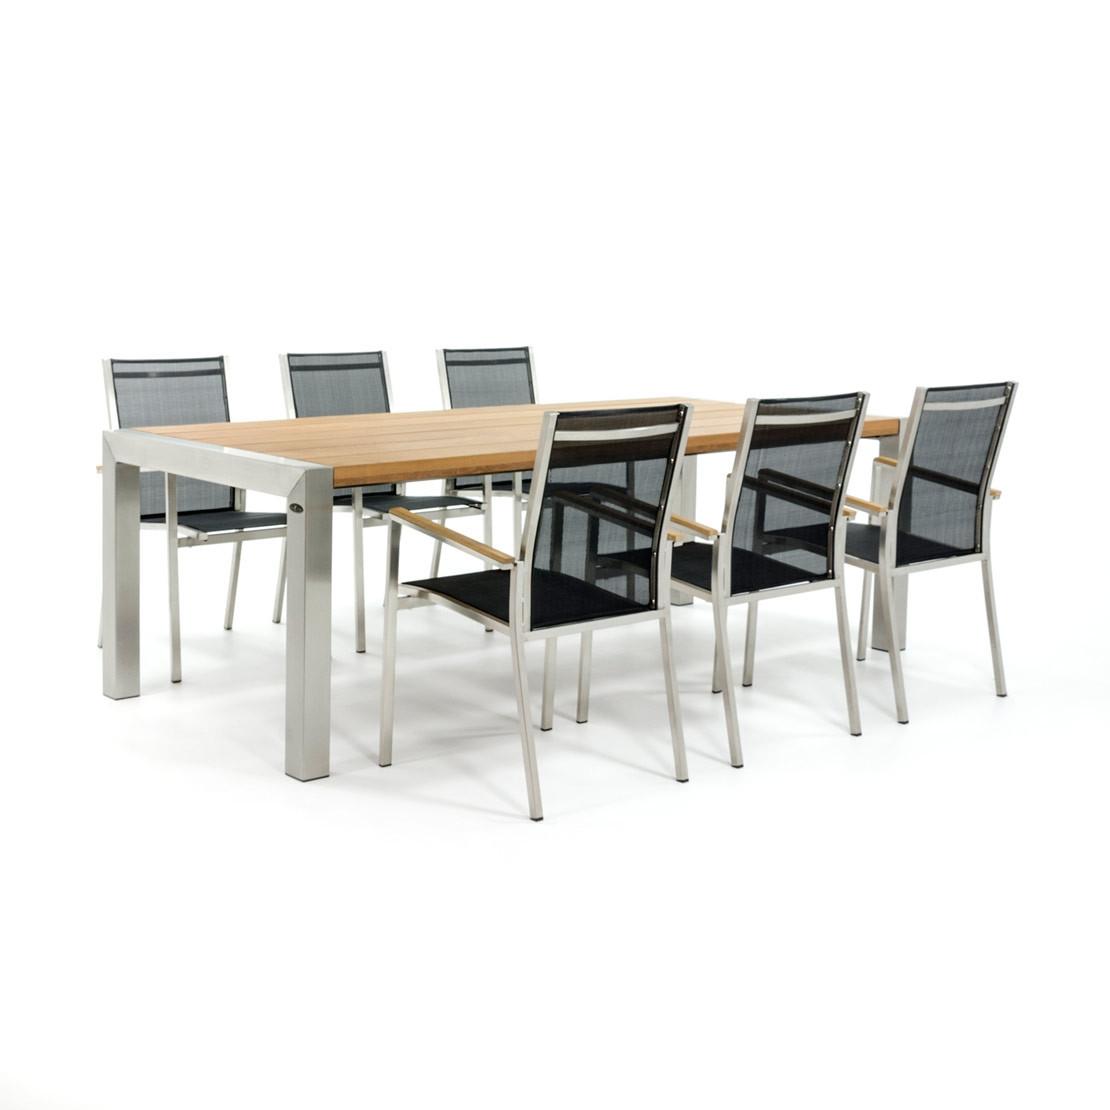 Tischplatte aus Holz mit Gestell und Stühlen aus Edelstahl